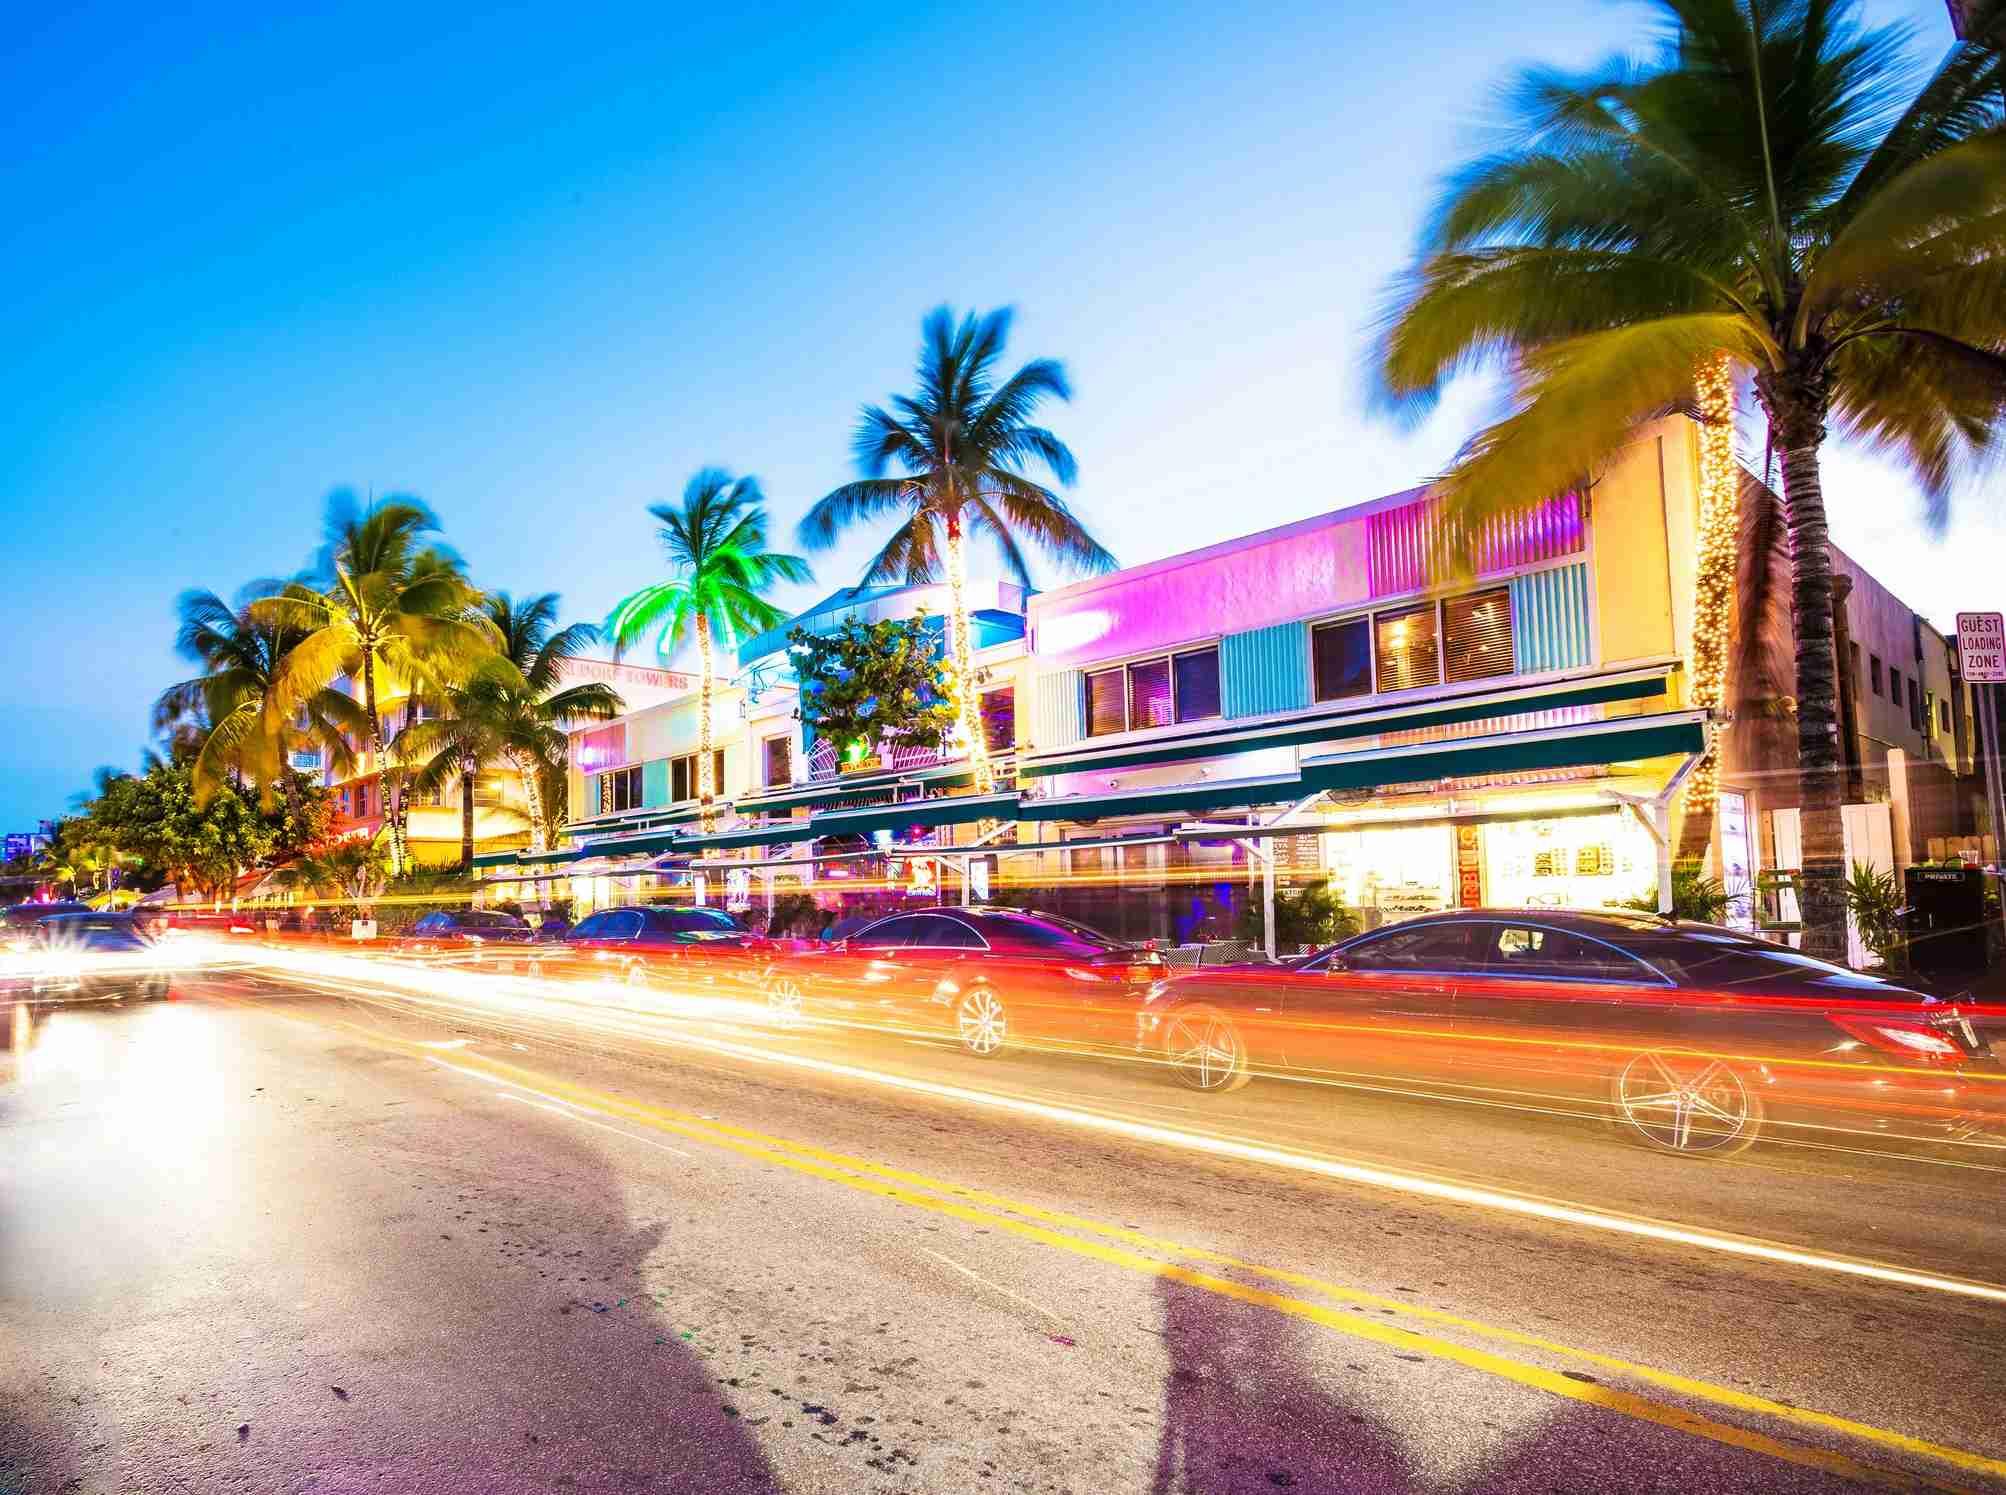 Miami, Miami, you